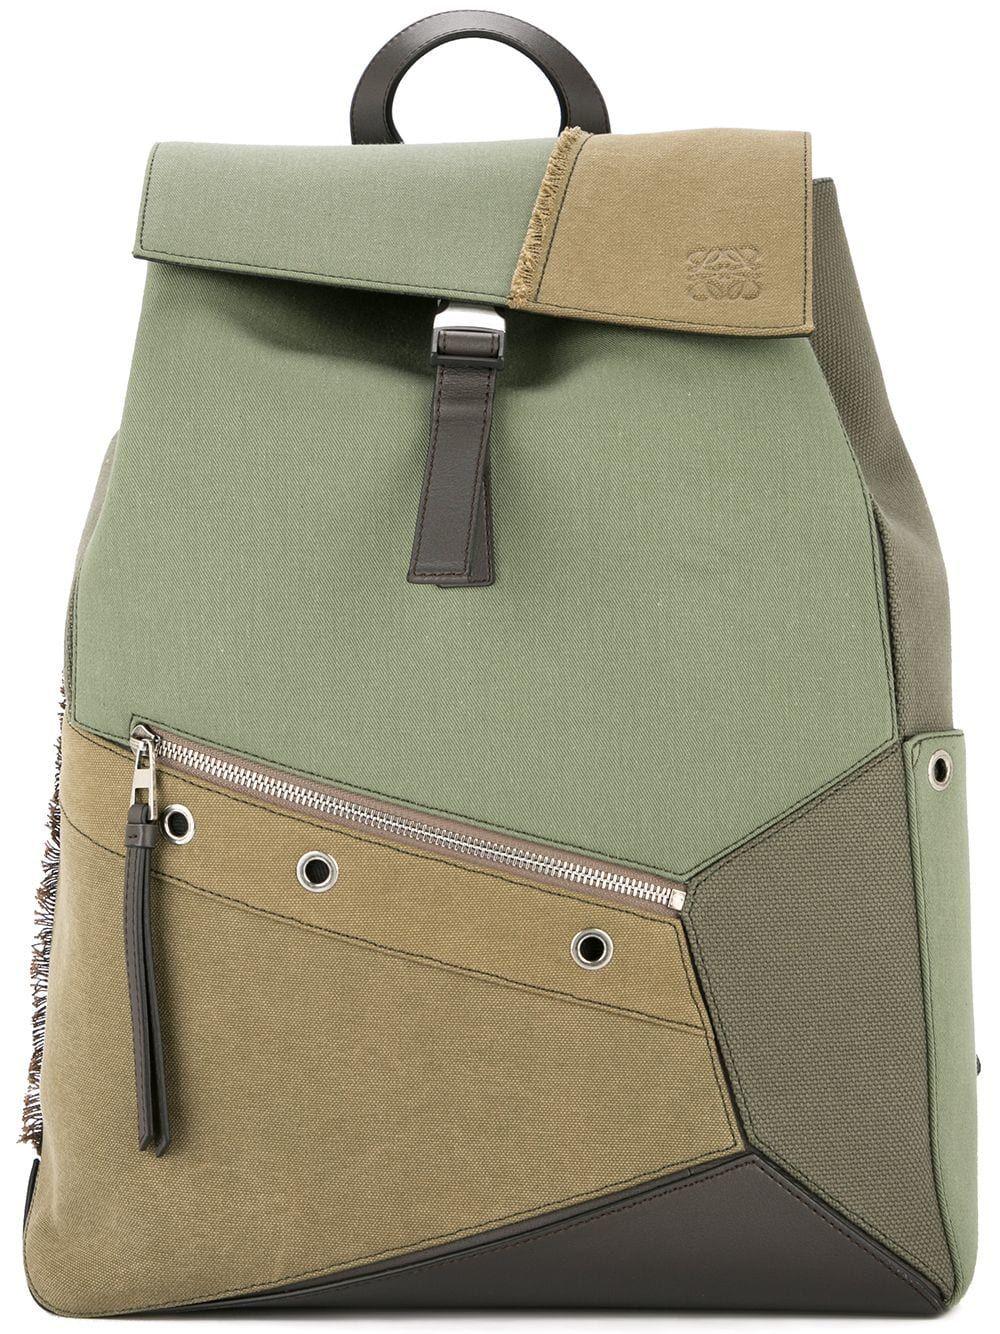 LOEWE Puzzle backpack loewe bags leather backpacks